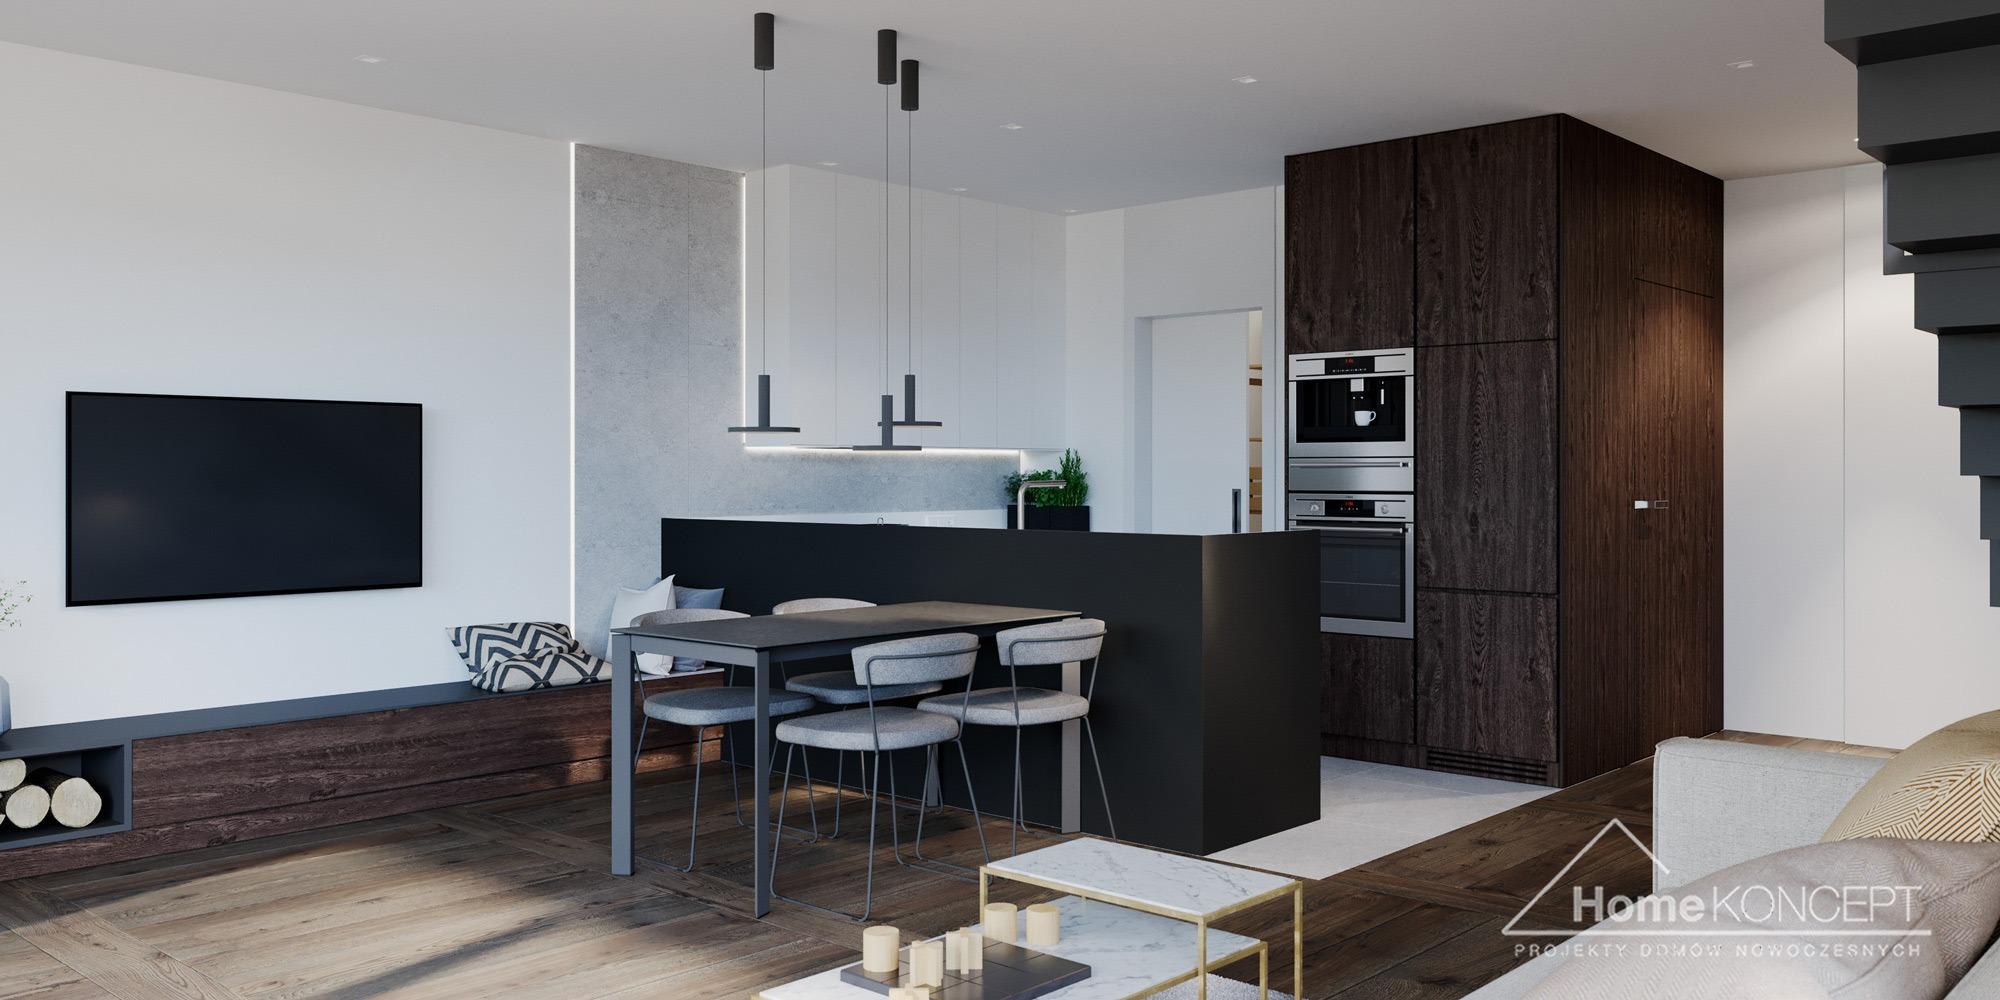 prestige house projekty nowoczesne wnetrza 2018 35